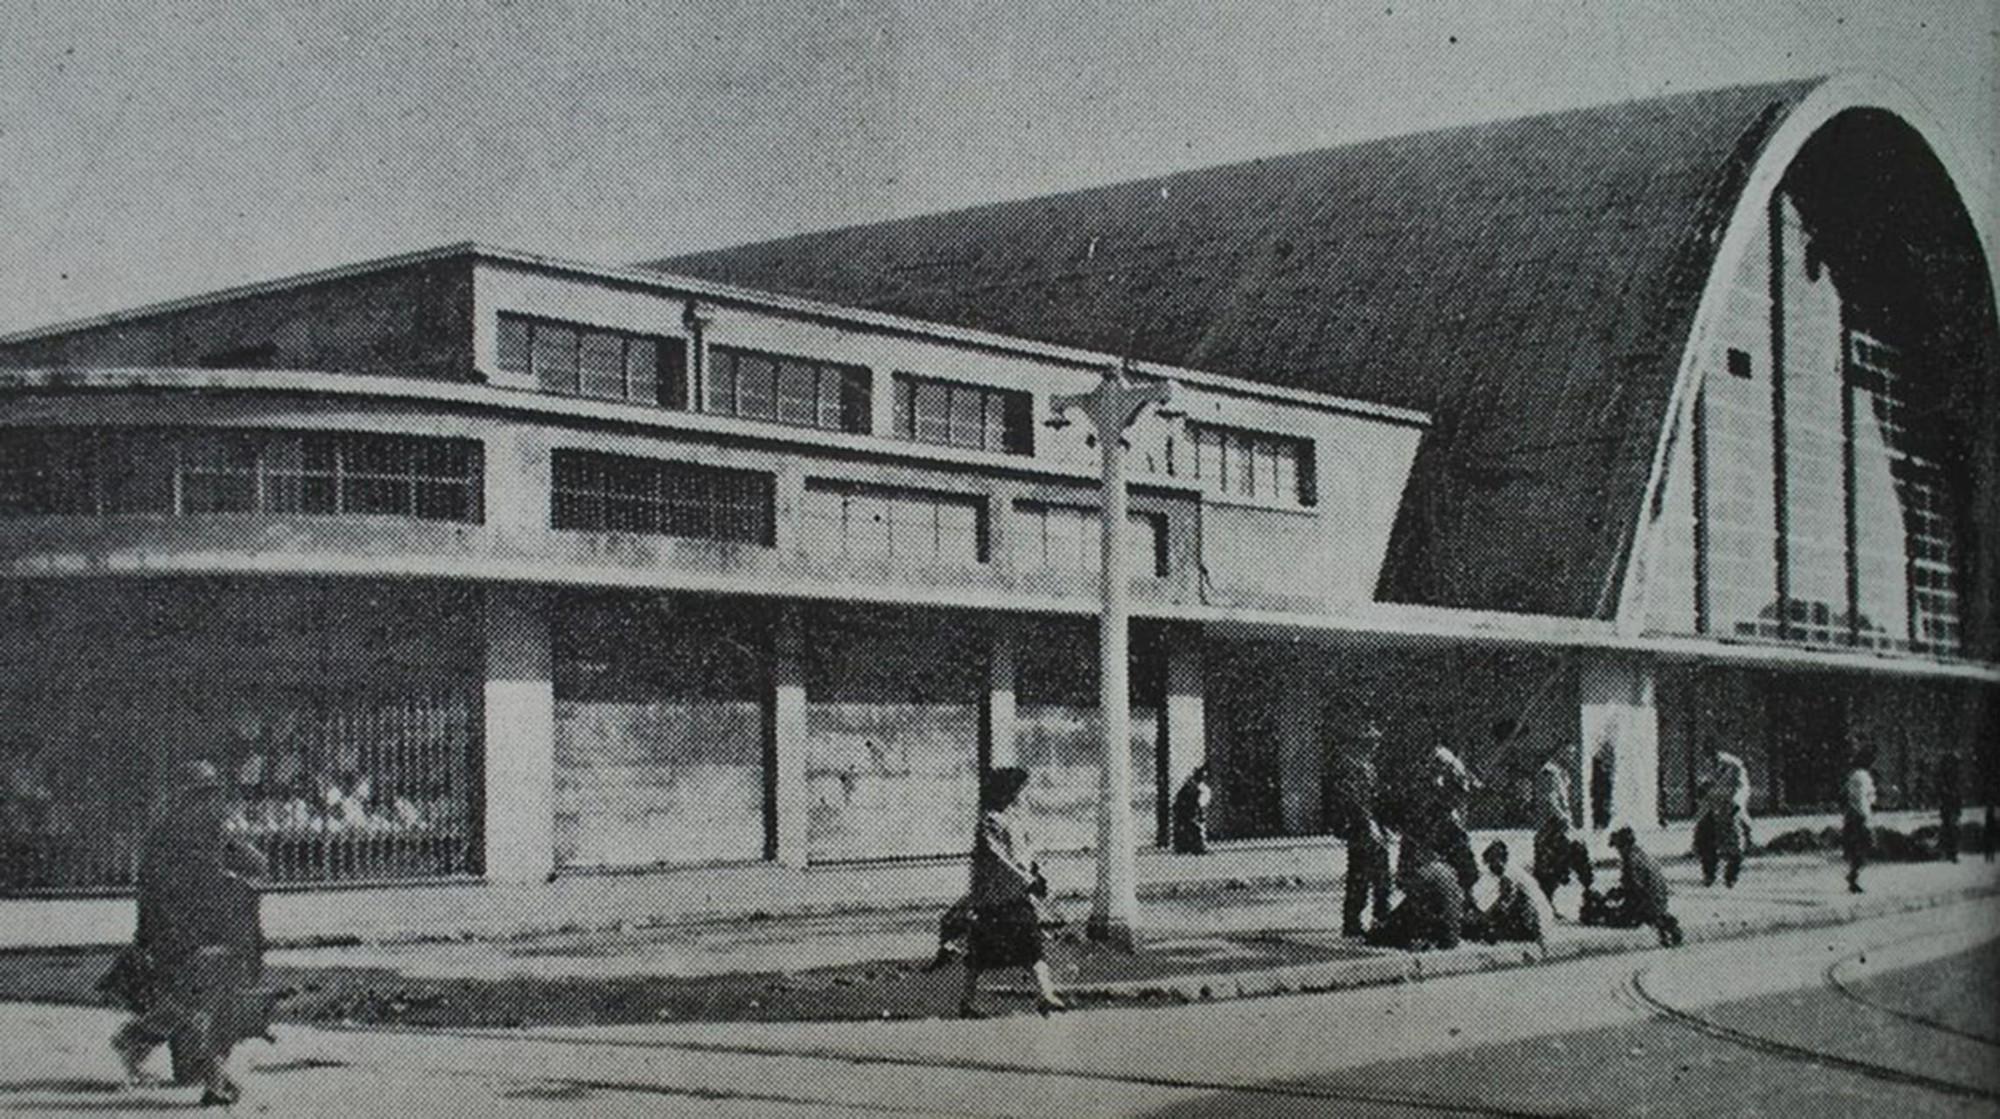 Mercado Central de Concepción, diseñado por Tibor Weiner y Ricardo Muller en 1940, declarado Monumento Nacional en el año 2014, después del incendio sufrido el año anterior.. Image Cortesia de Luis Darmendrail